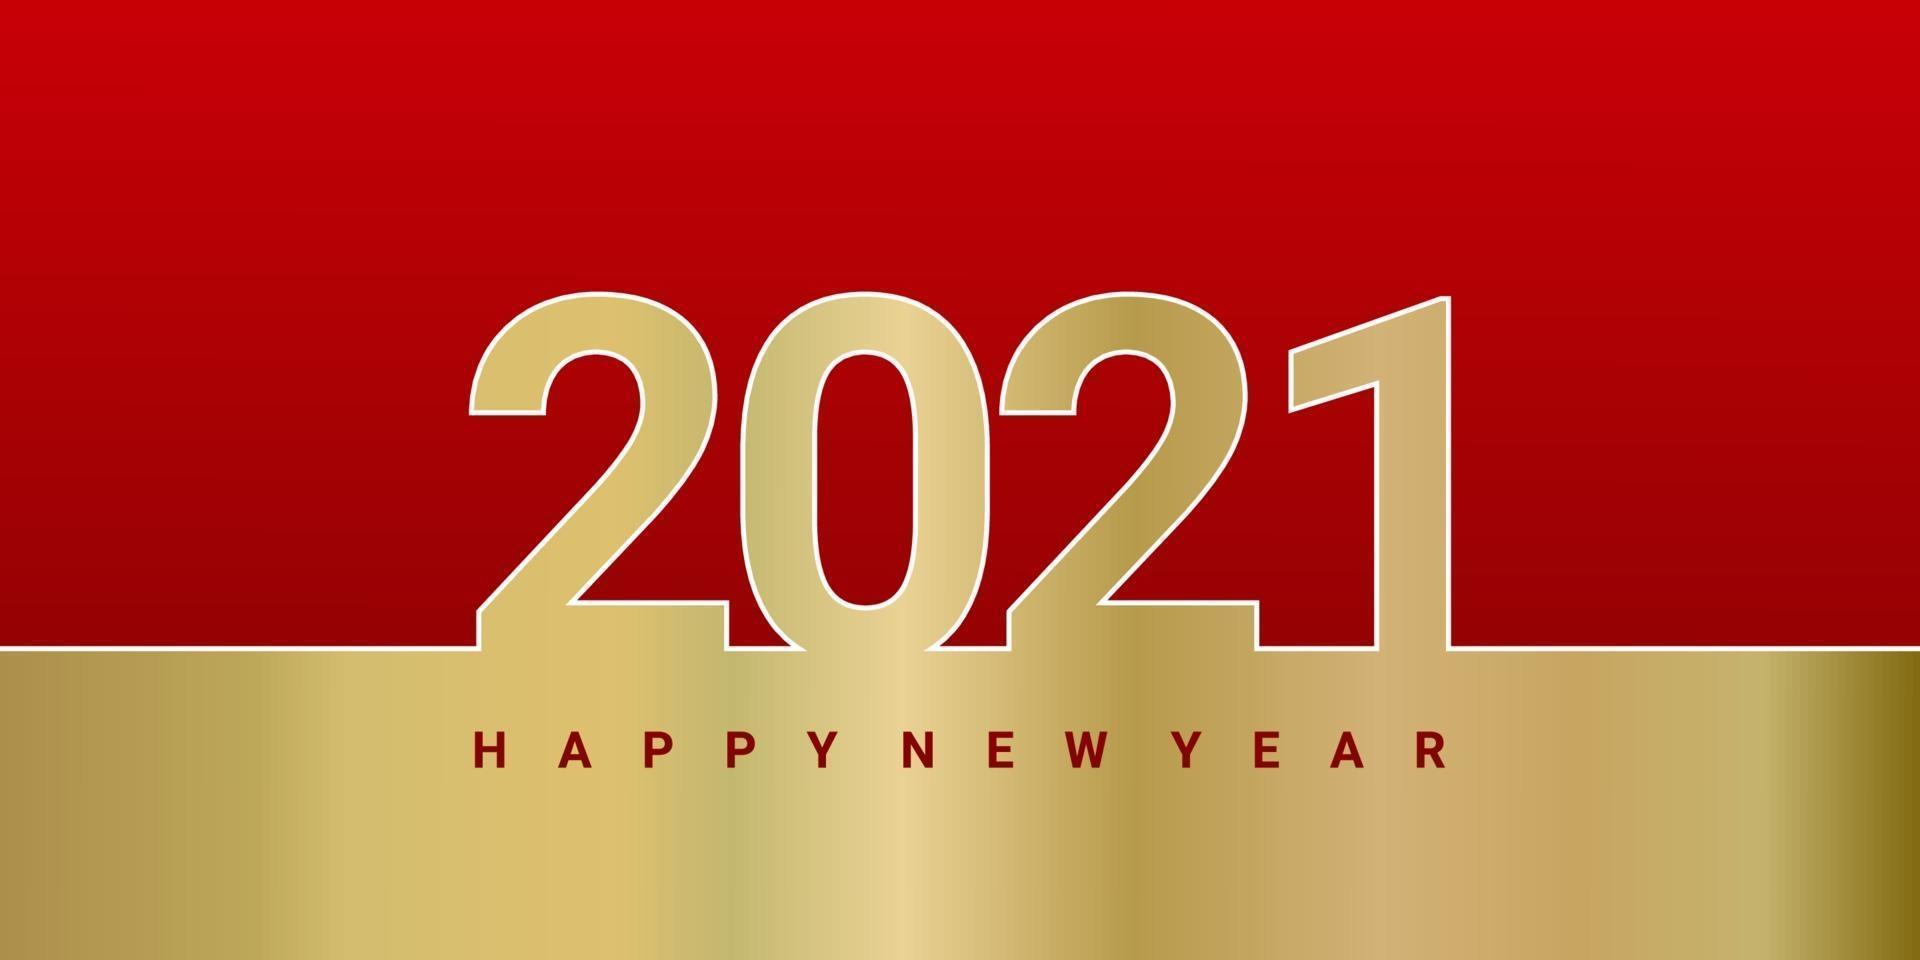 glad ny 2021 år gyllene färg på en röd bakgrund. elegant guld text minimalistisk bakgrund mall. vektor